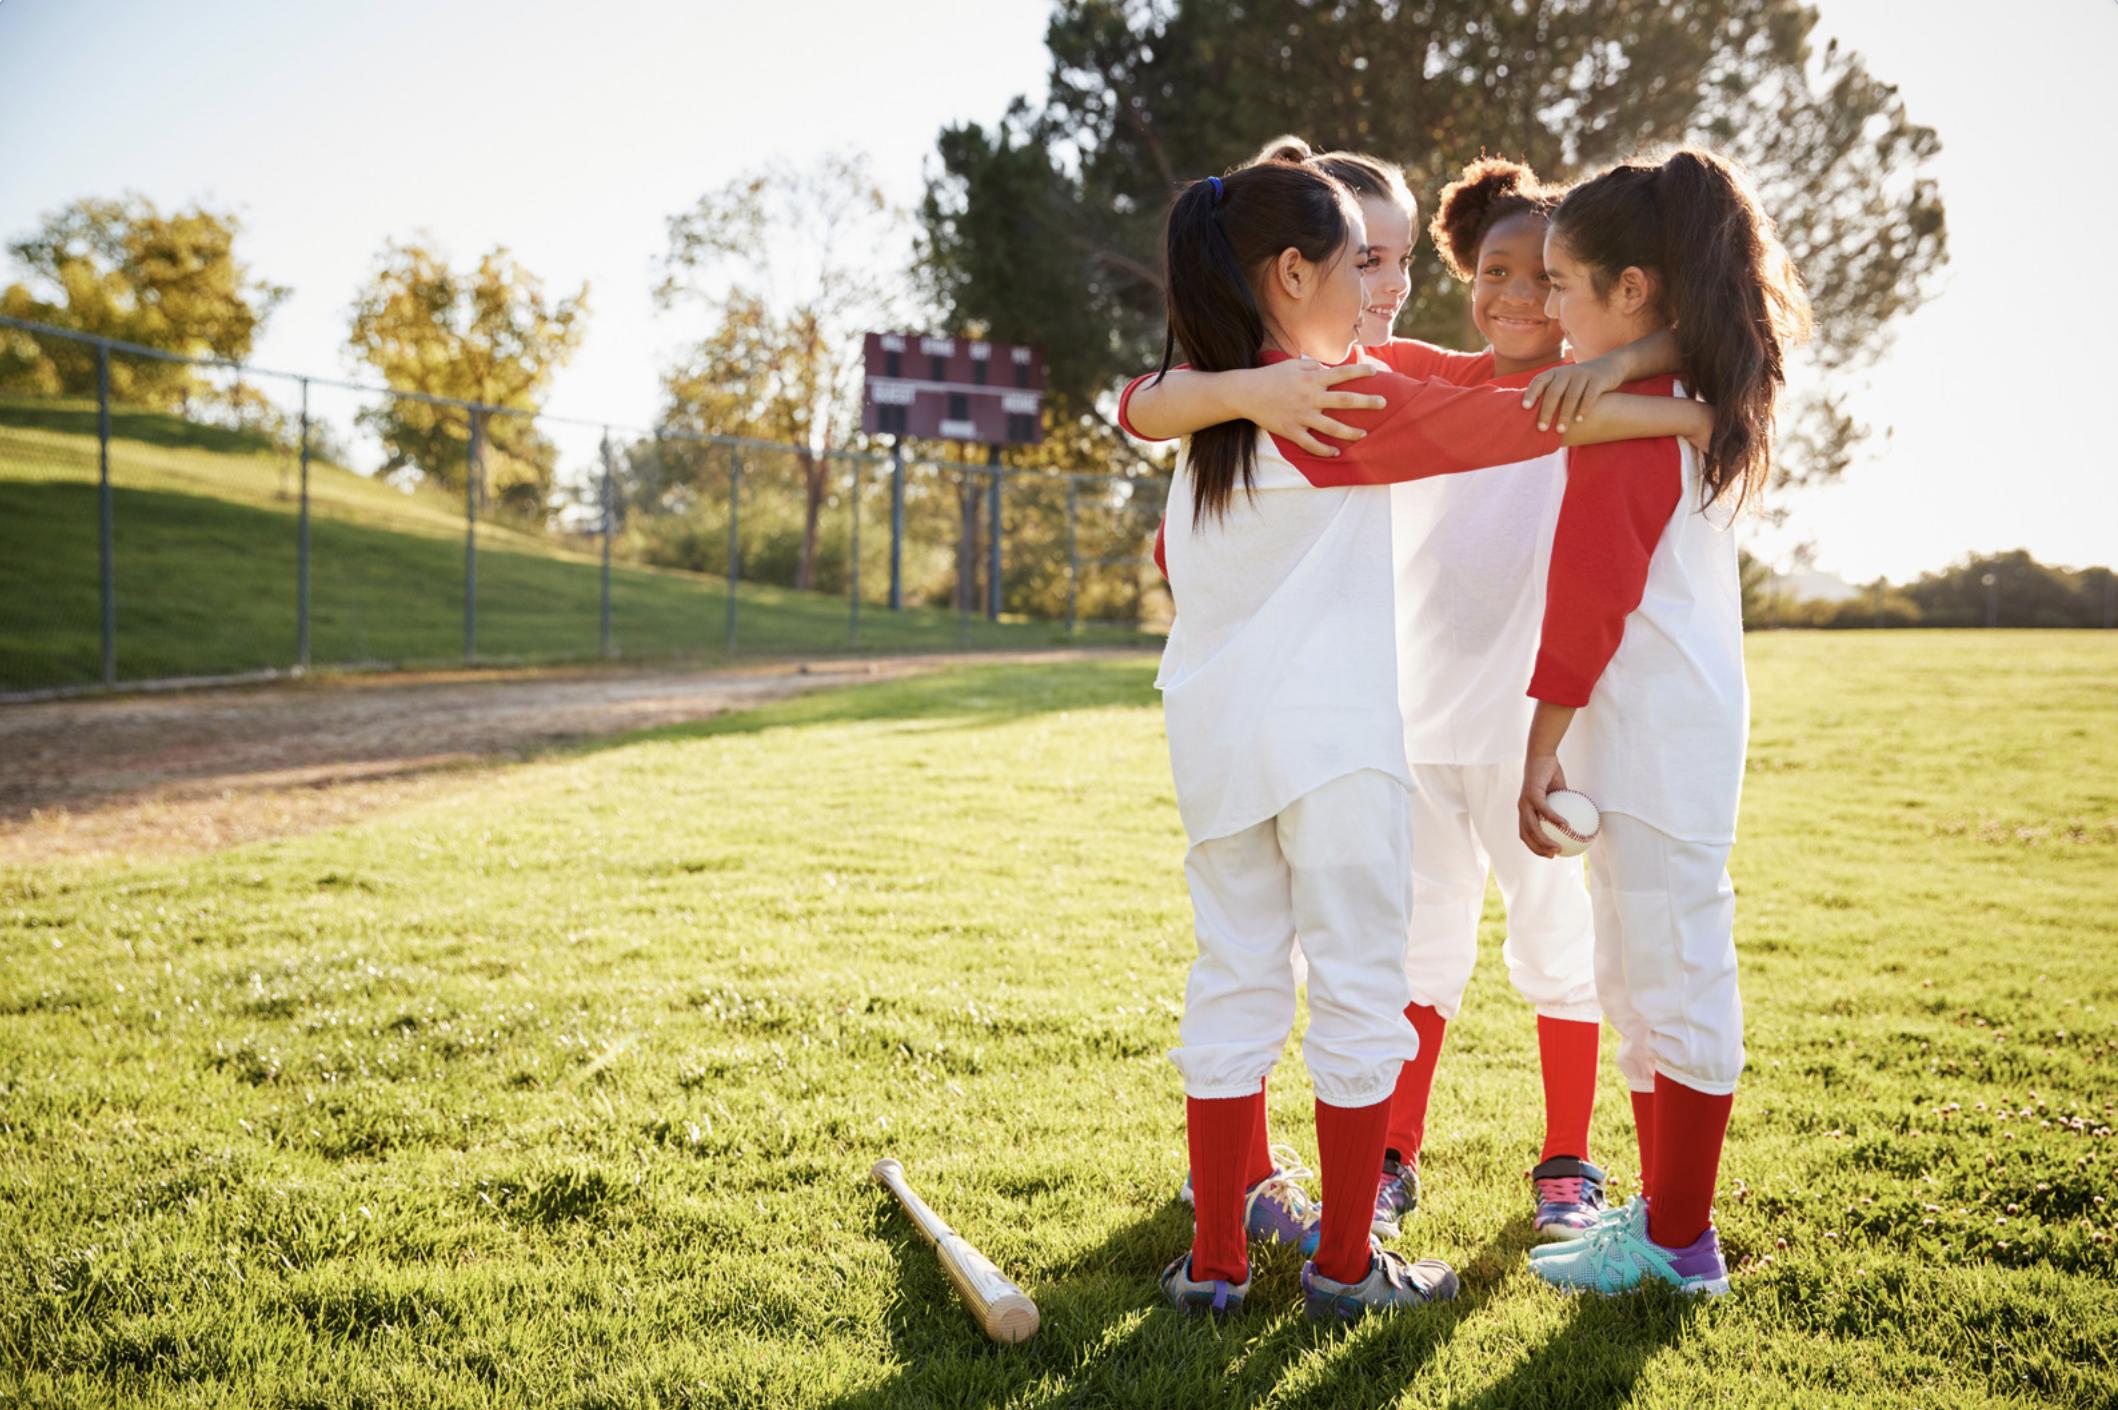 脱・子どもの運動不足! <br>スポーツ、遊び、掃除で体力づくりと怪我予防を並行して。